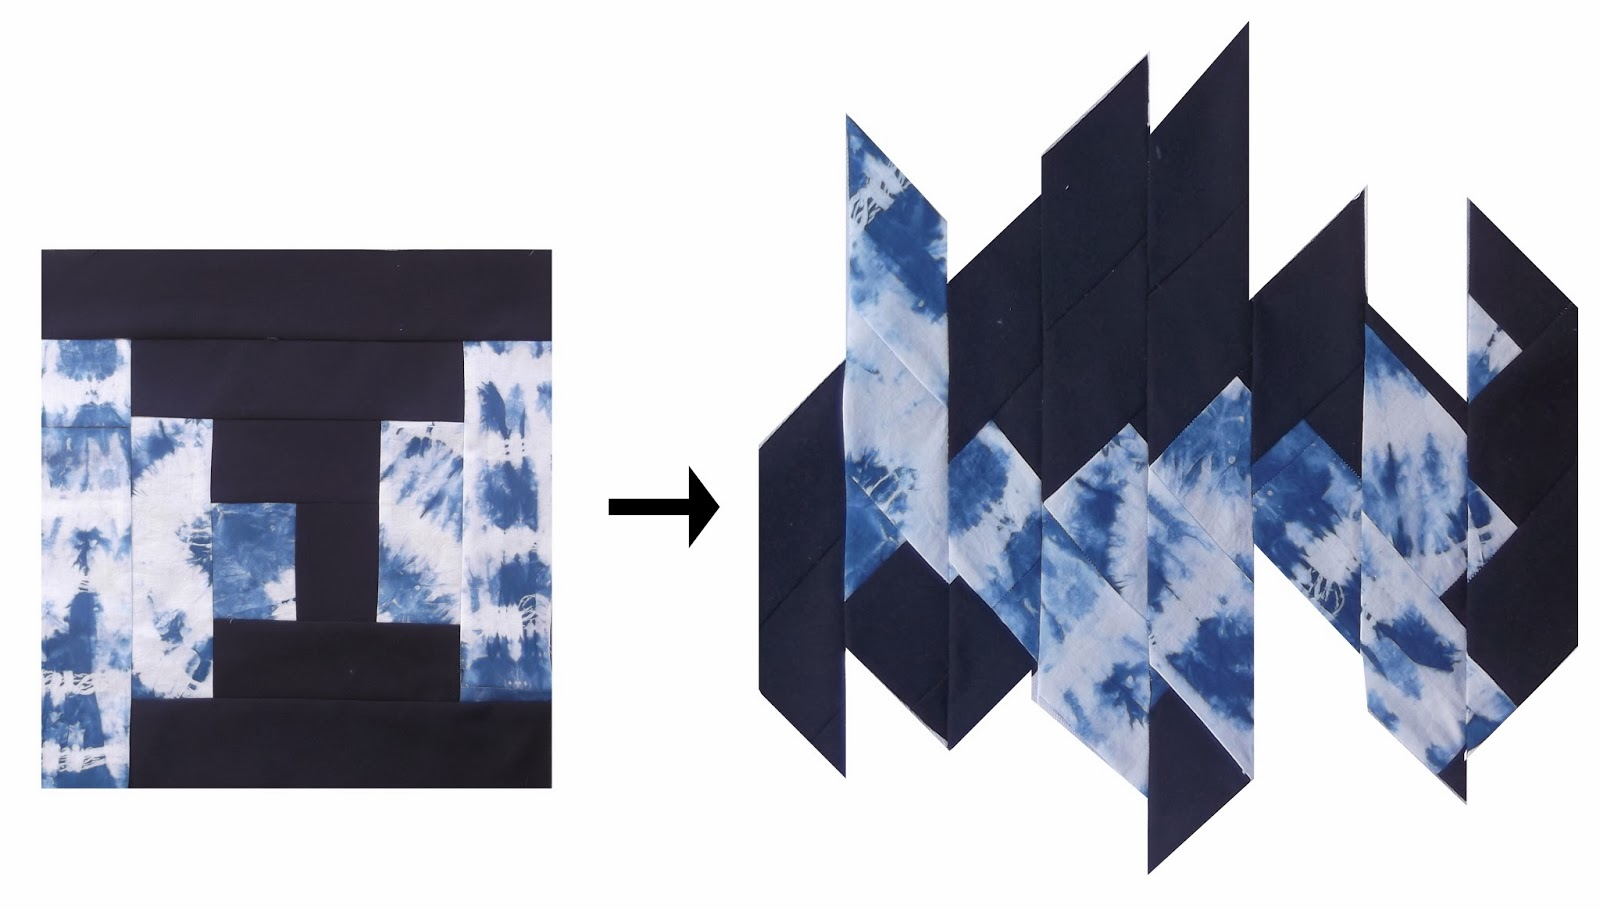 μοντέρνο patchwork, αφηρημένο patchwork, μπλέ patchwork, log cabin patchwork, patchwork μαθήματα